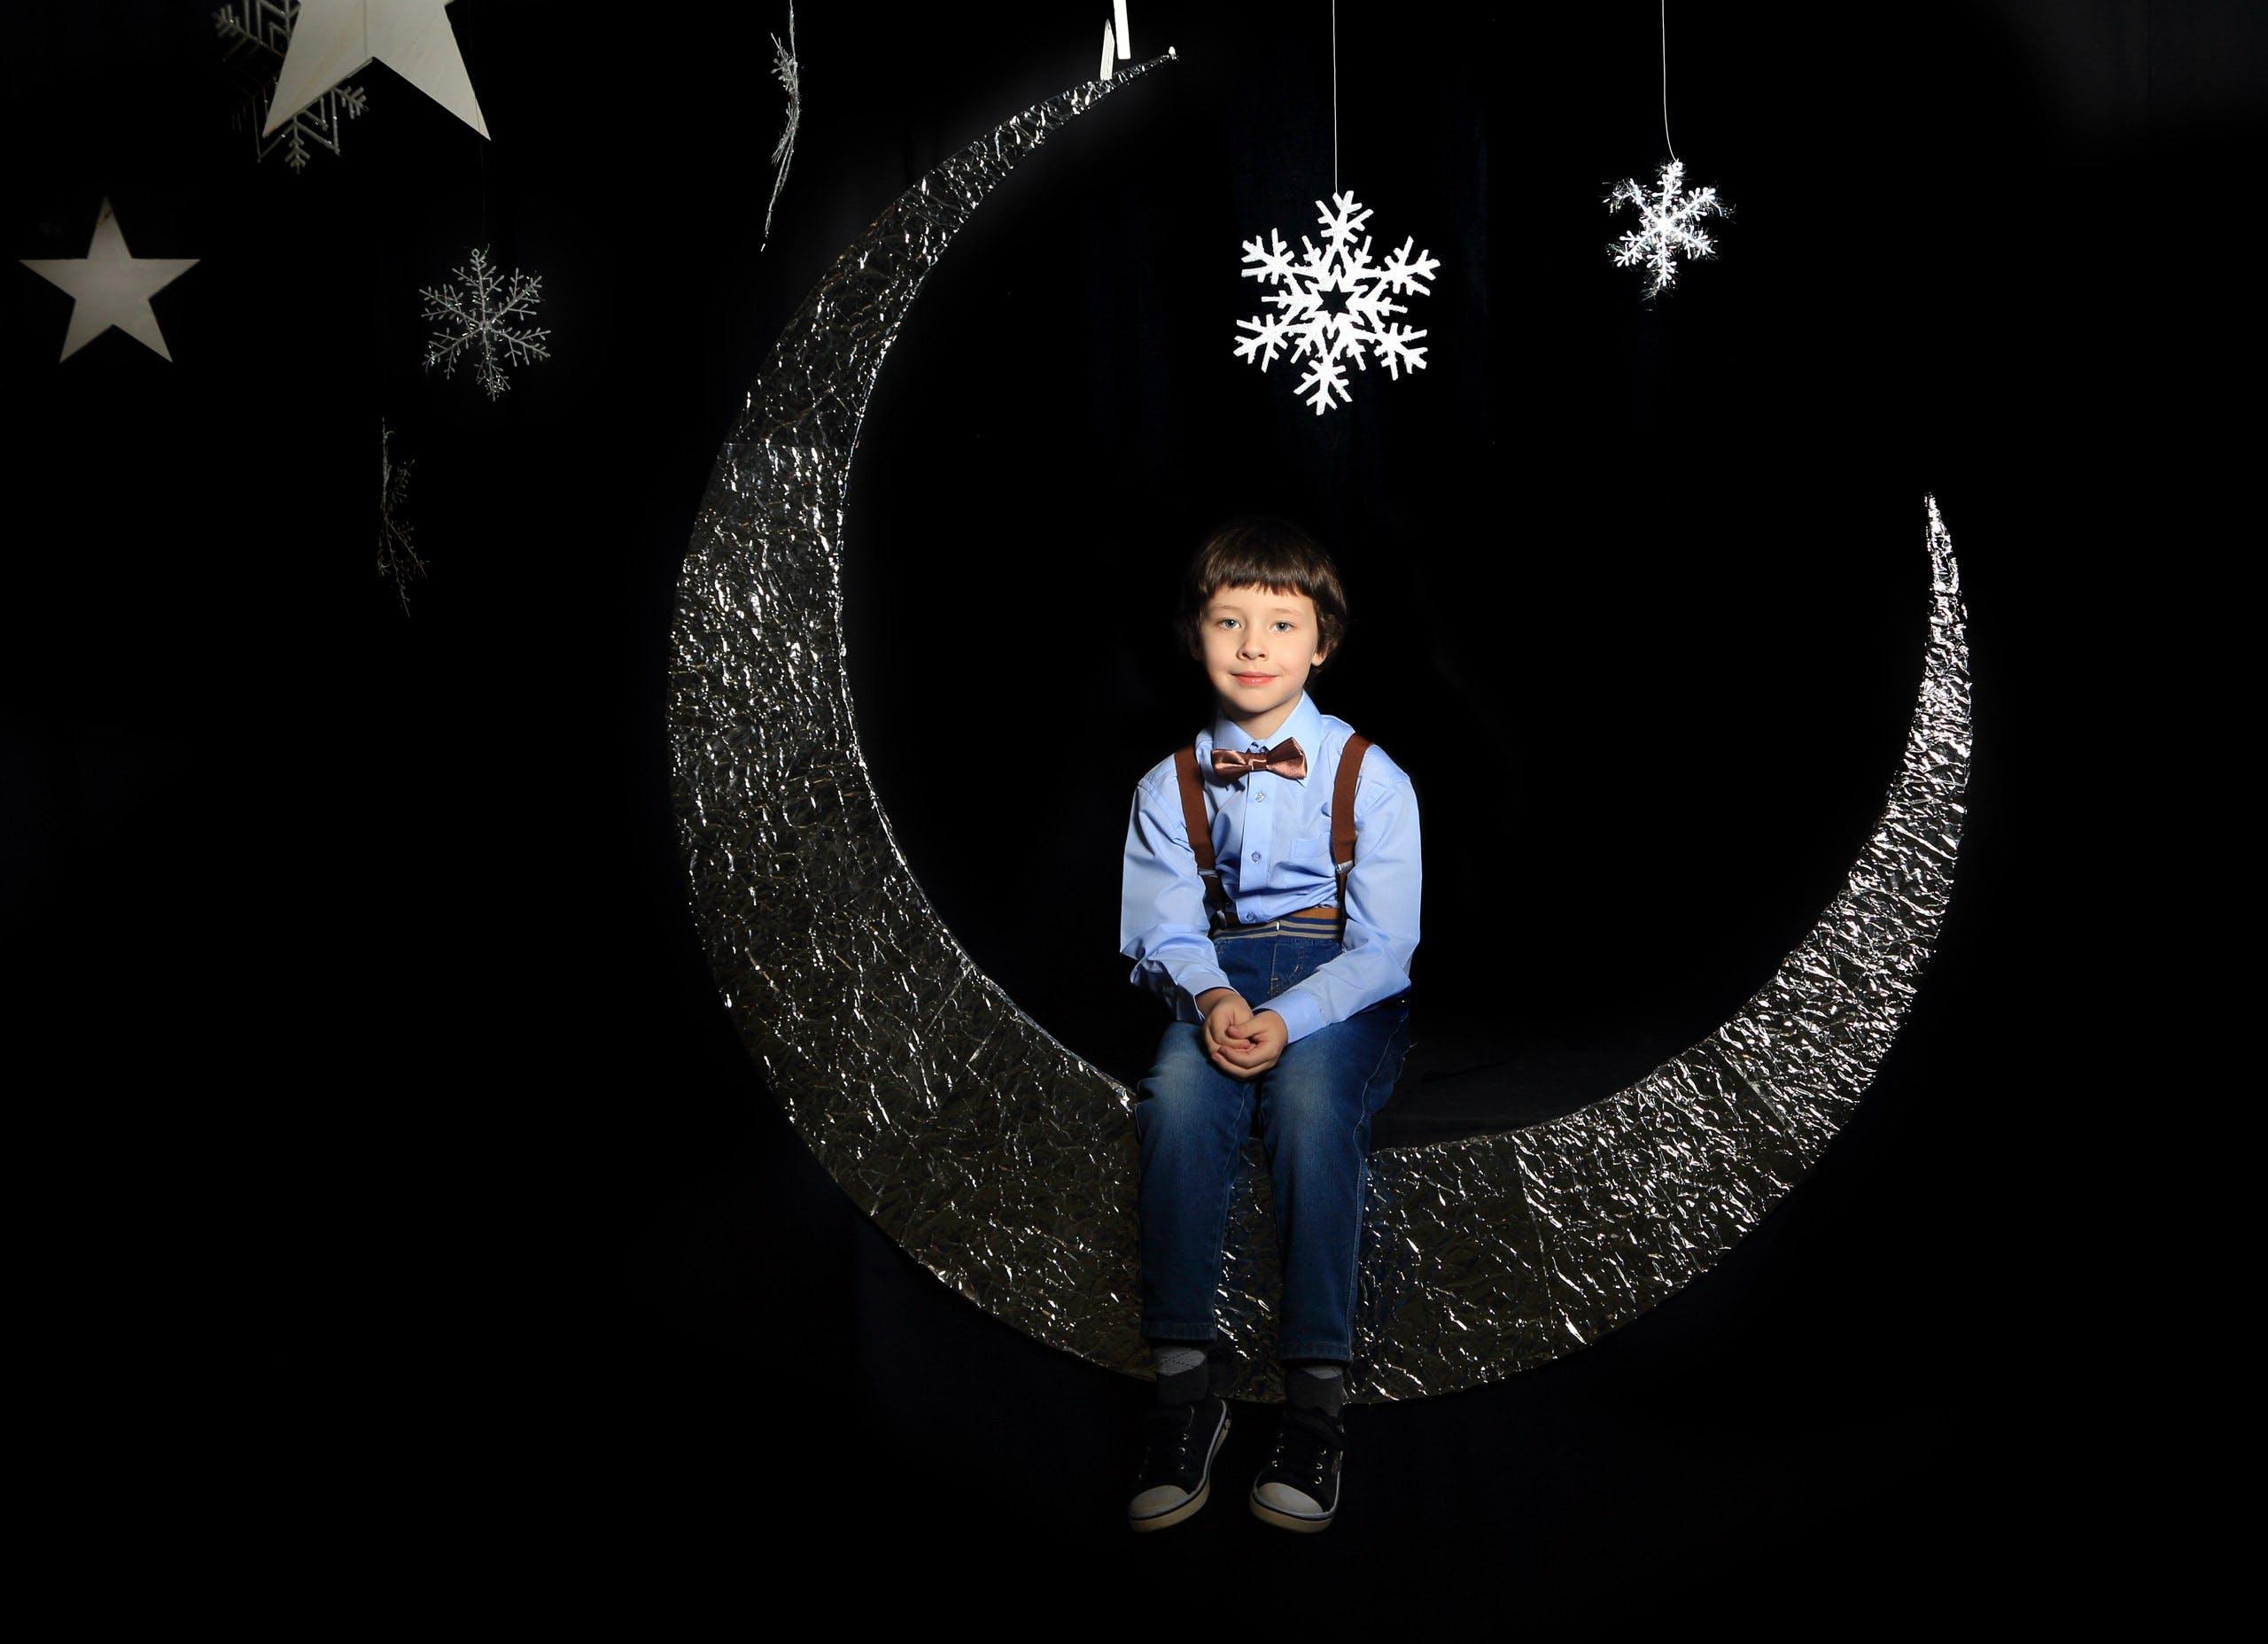 Boy Sitting on Moon Decor